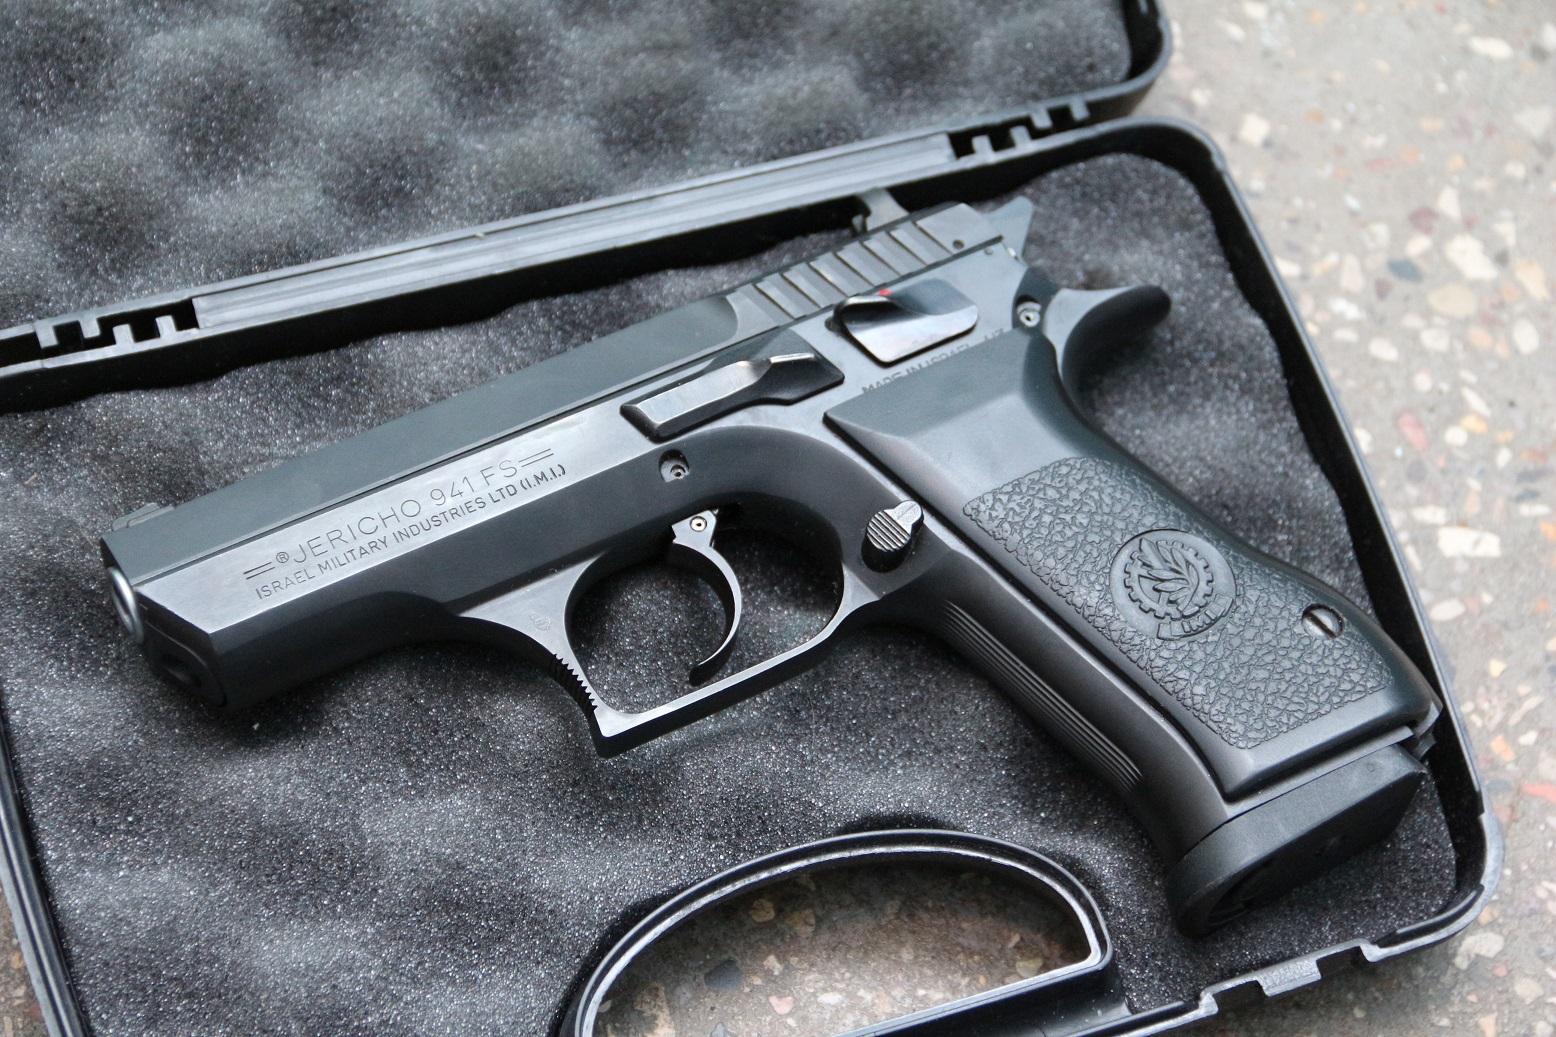 Фото Пистолет Jericho 941FS #F10431, Израиль